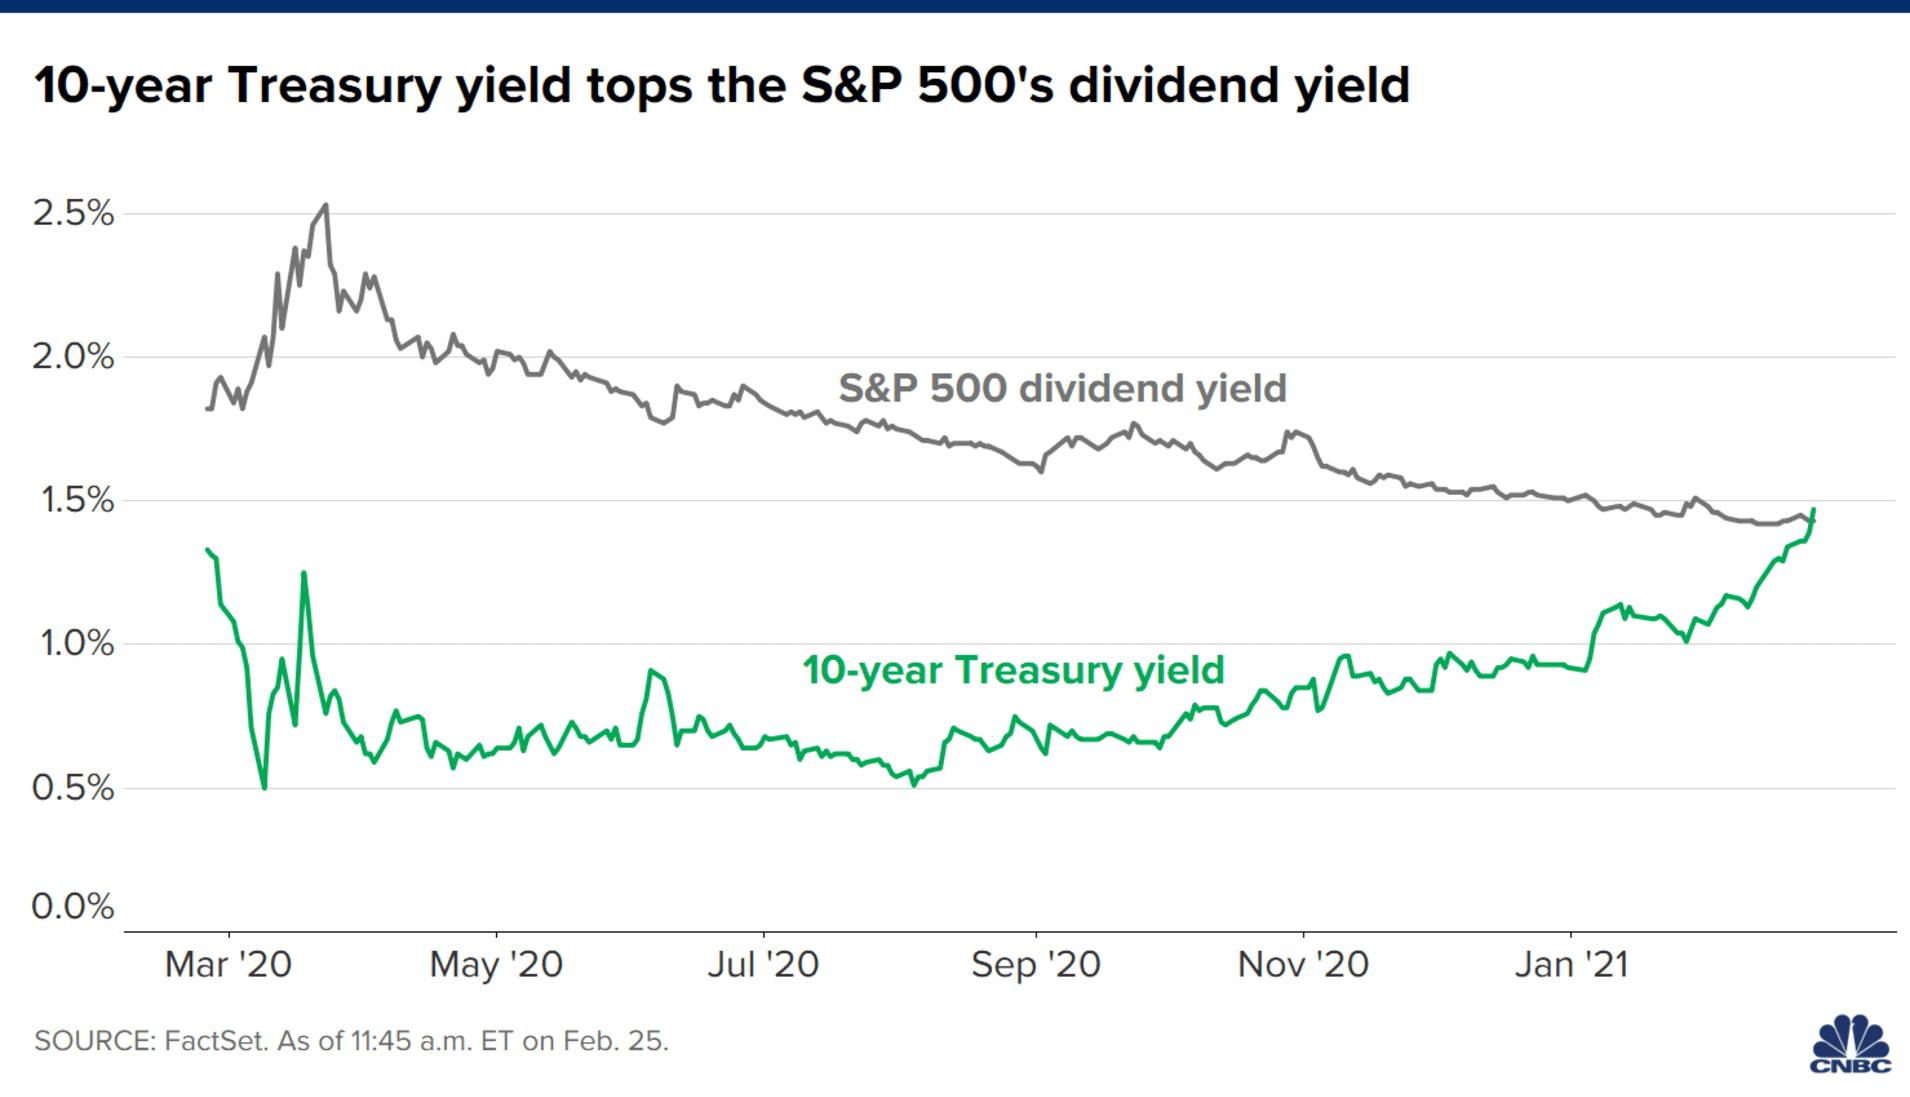 美国国债收益率飙升预示着什么?市场正划出边界